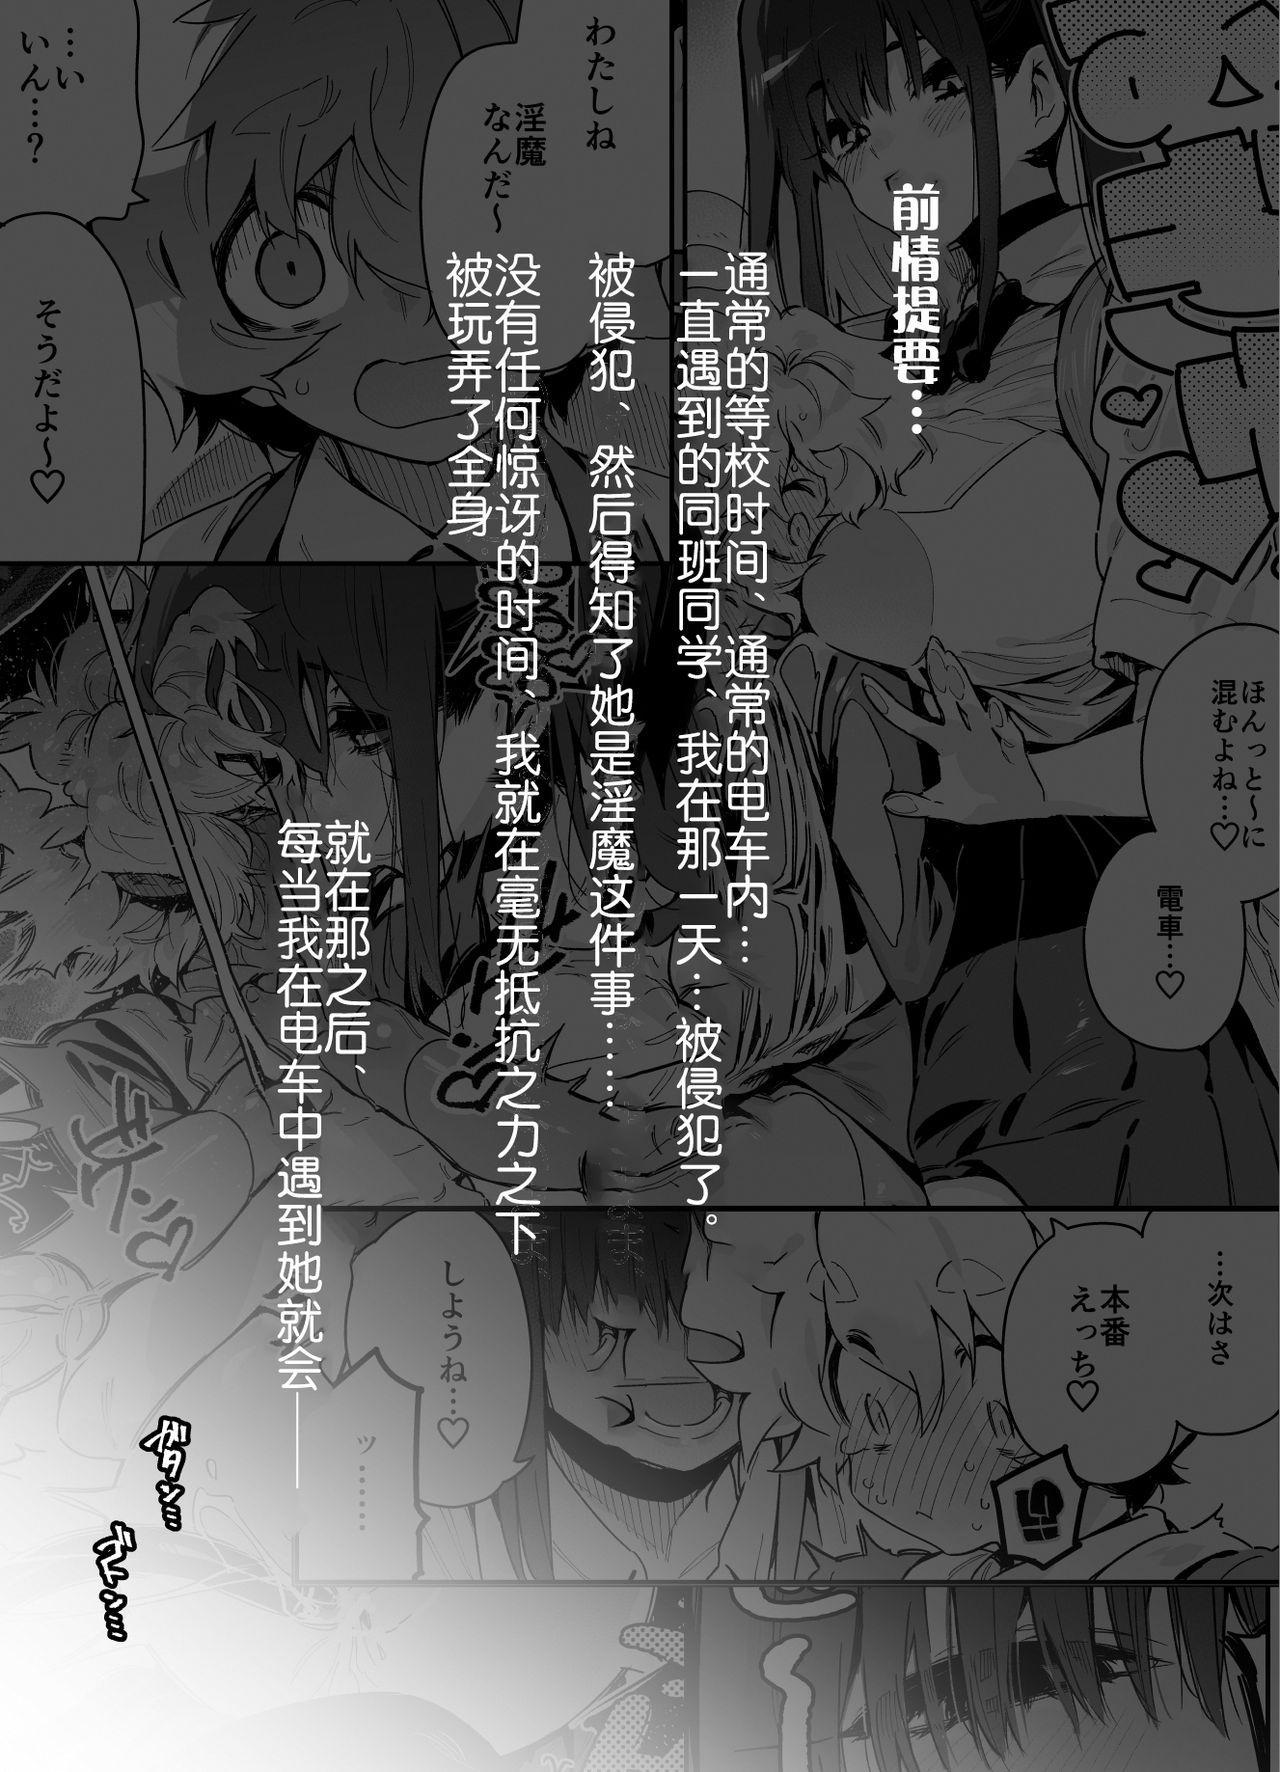 Classmate no Joshi Inma ni Renkyuuchuu no Otomarikai de Osowarechau Danshi no Hanashi 3